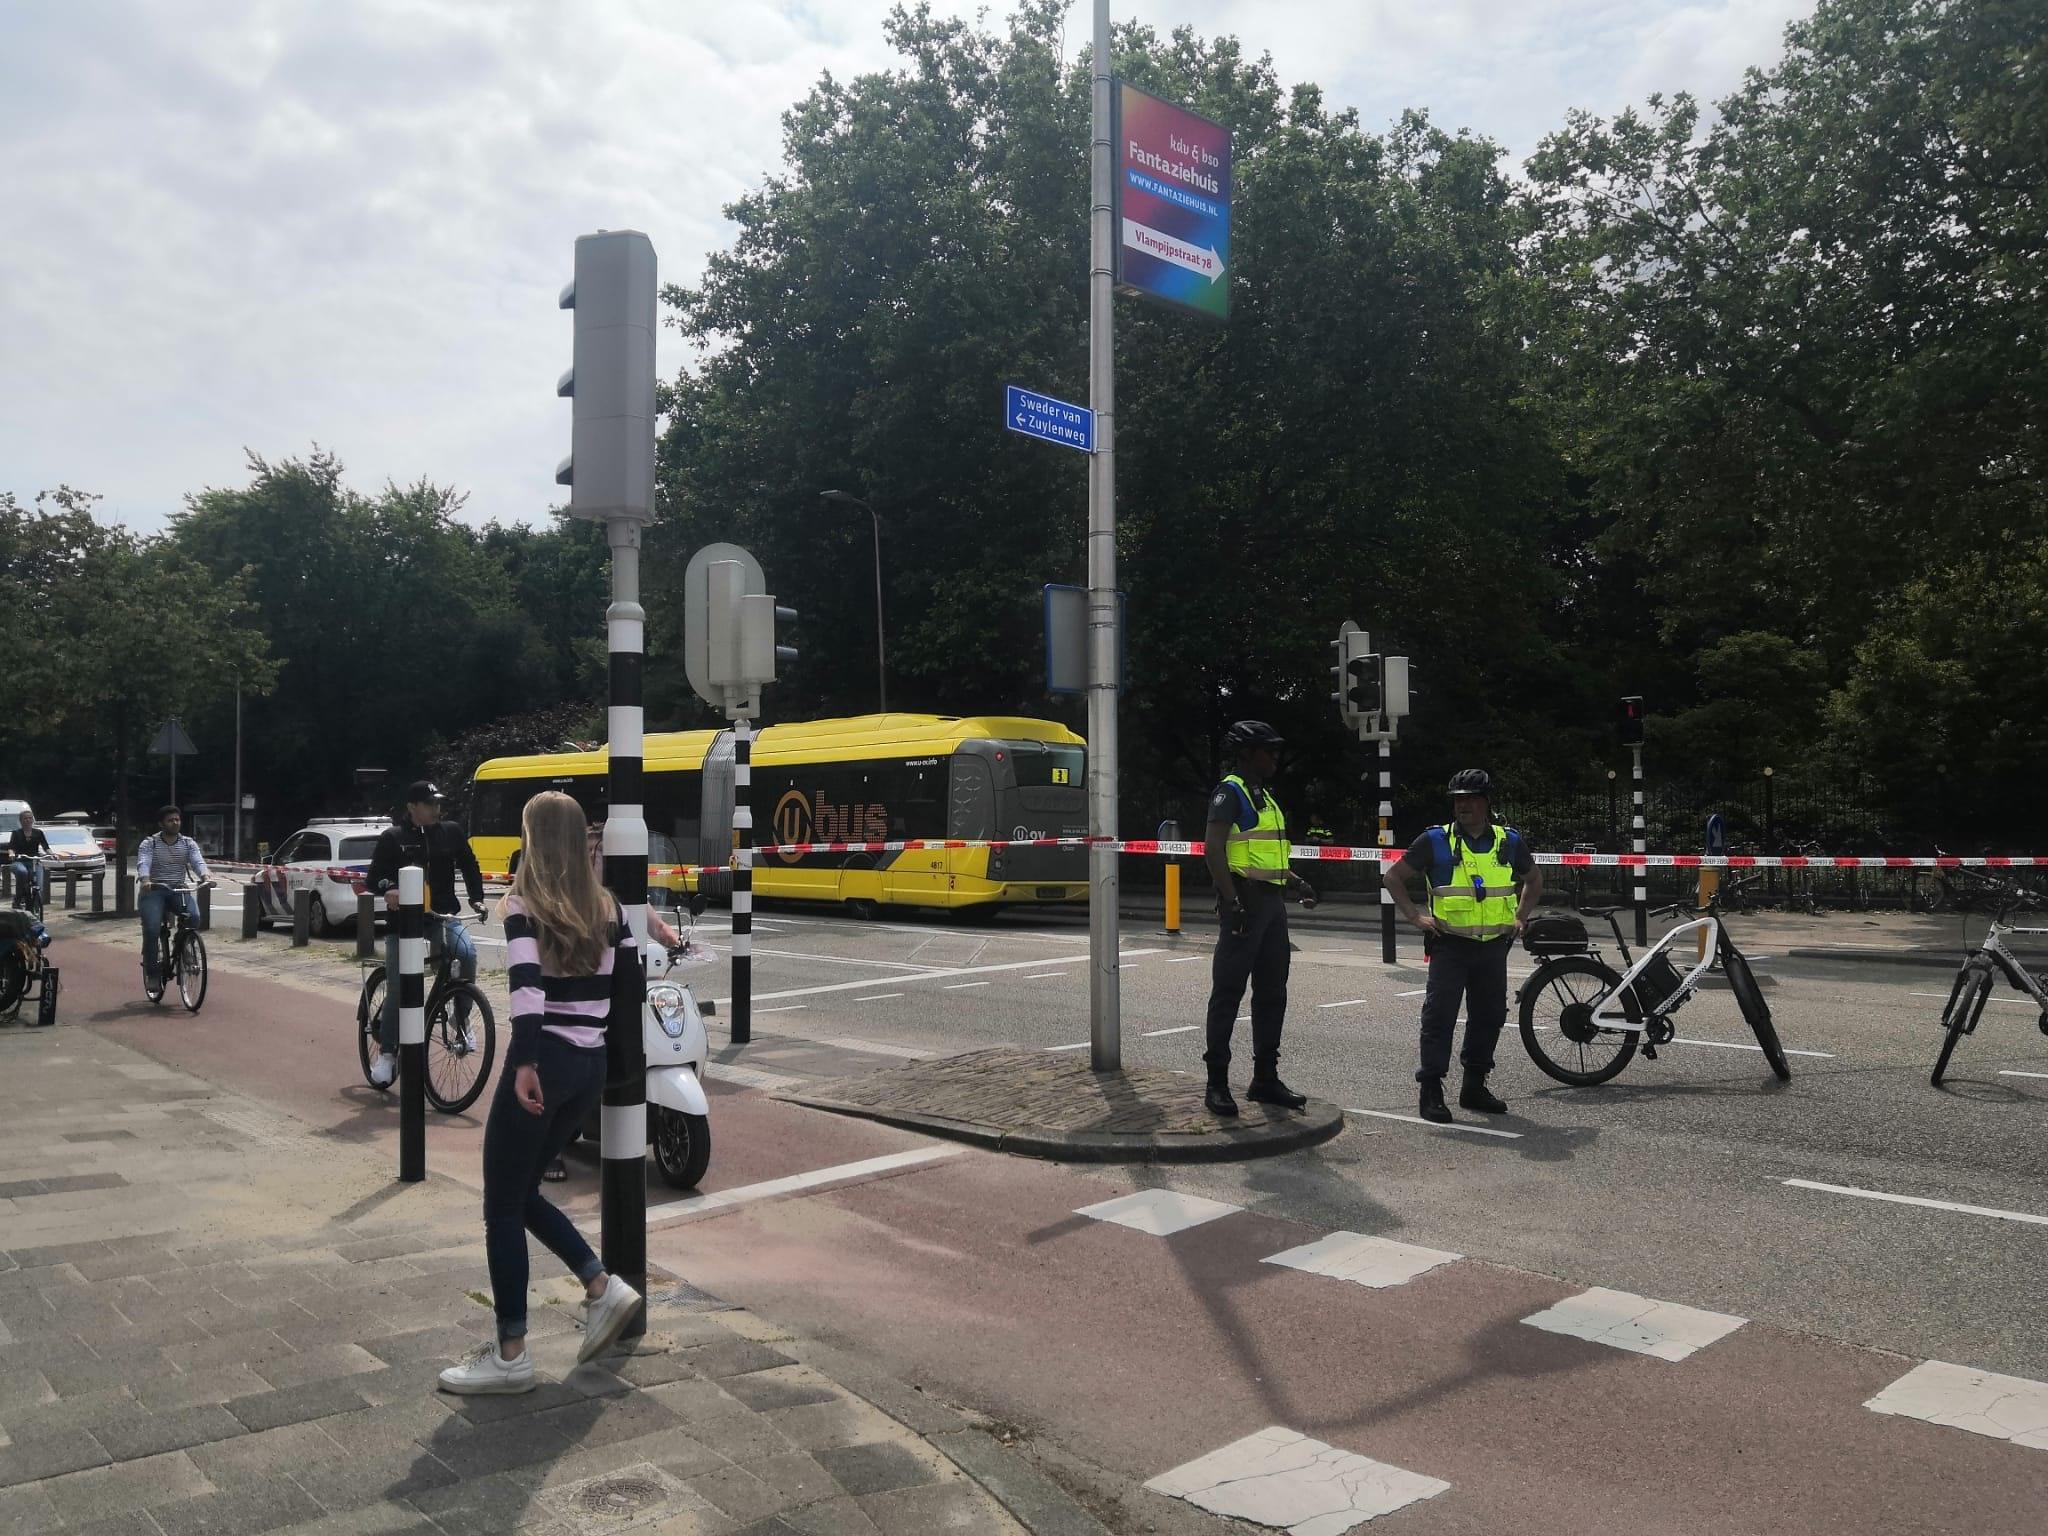 Fietser raakt ernstig gewond bij aanrijding met bus in Utrecht.